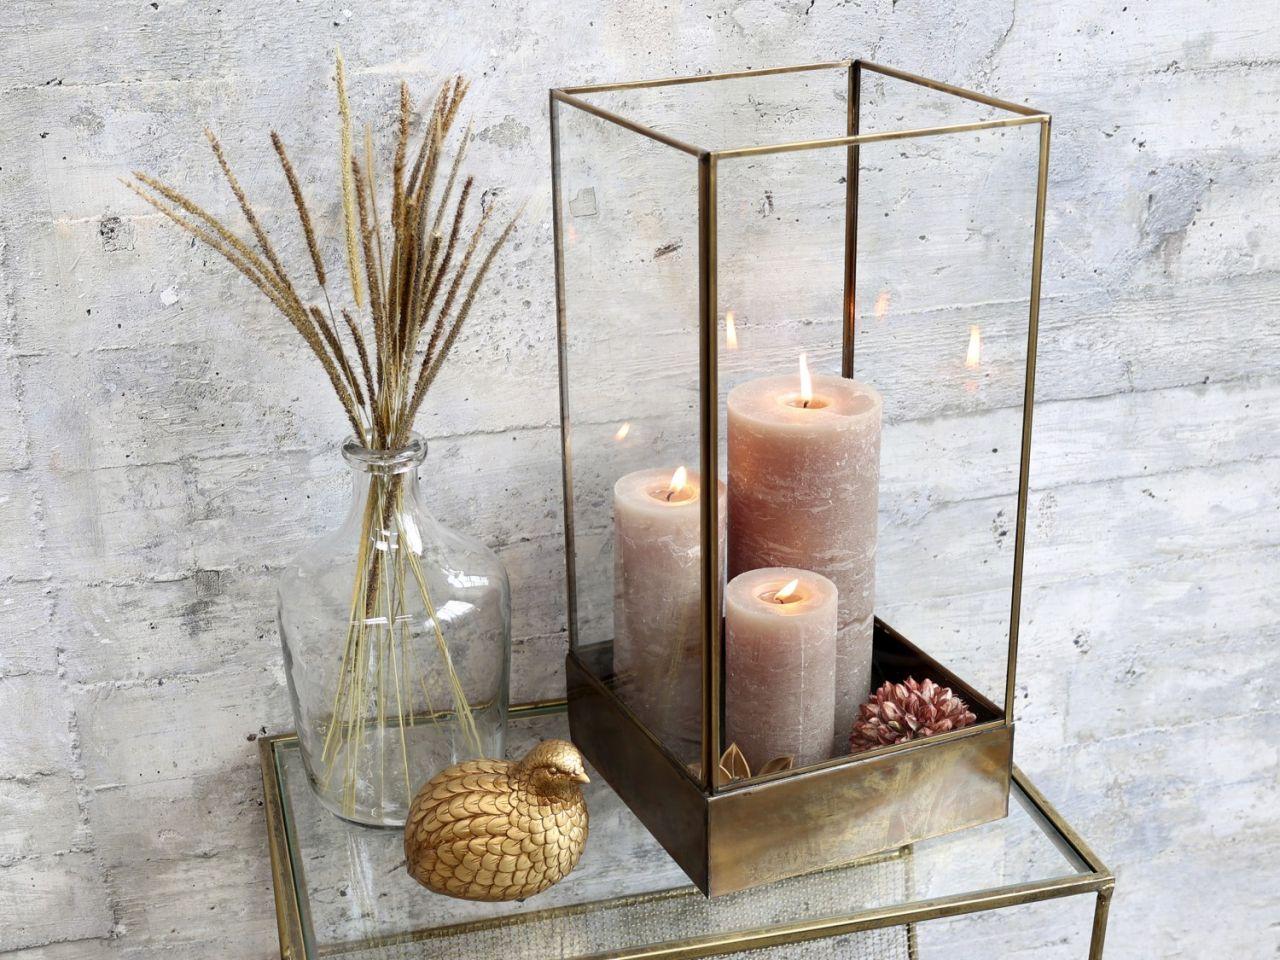 -Glasschaukasten von Chic Antique-